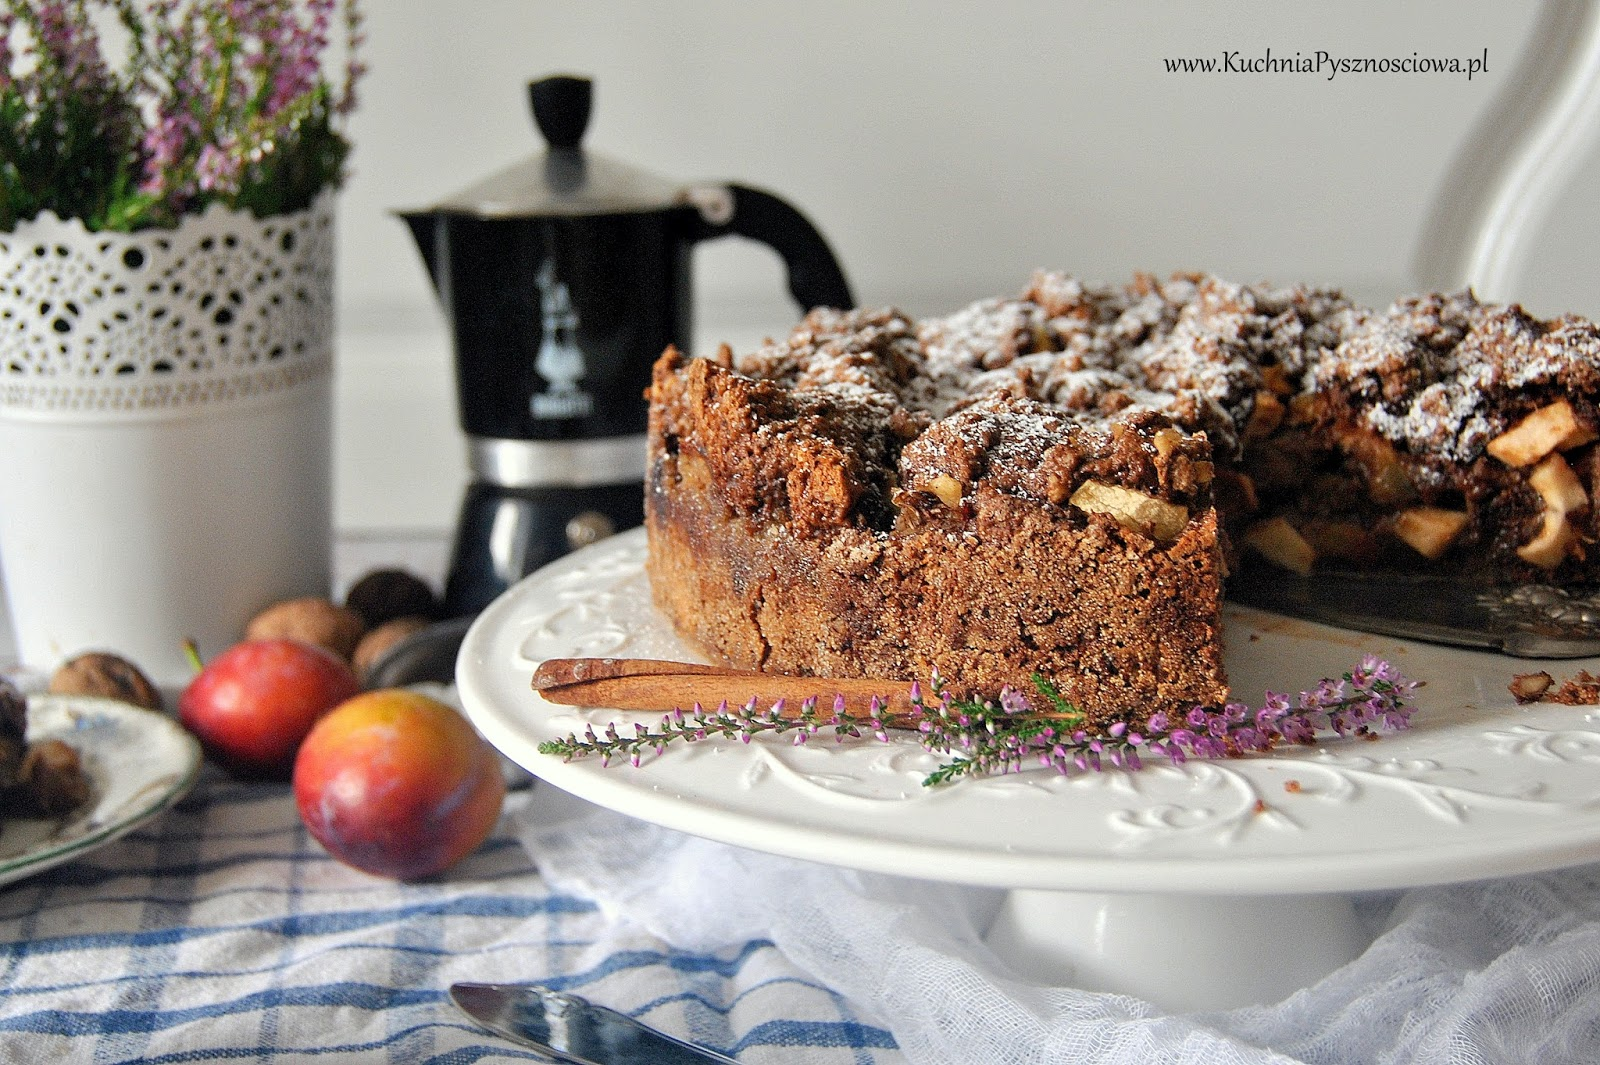 538. Orzechowe ciasto z jabłkami i śliwkami